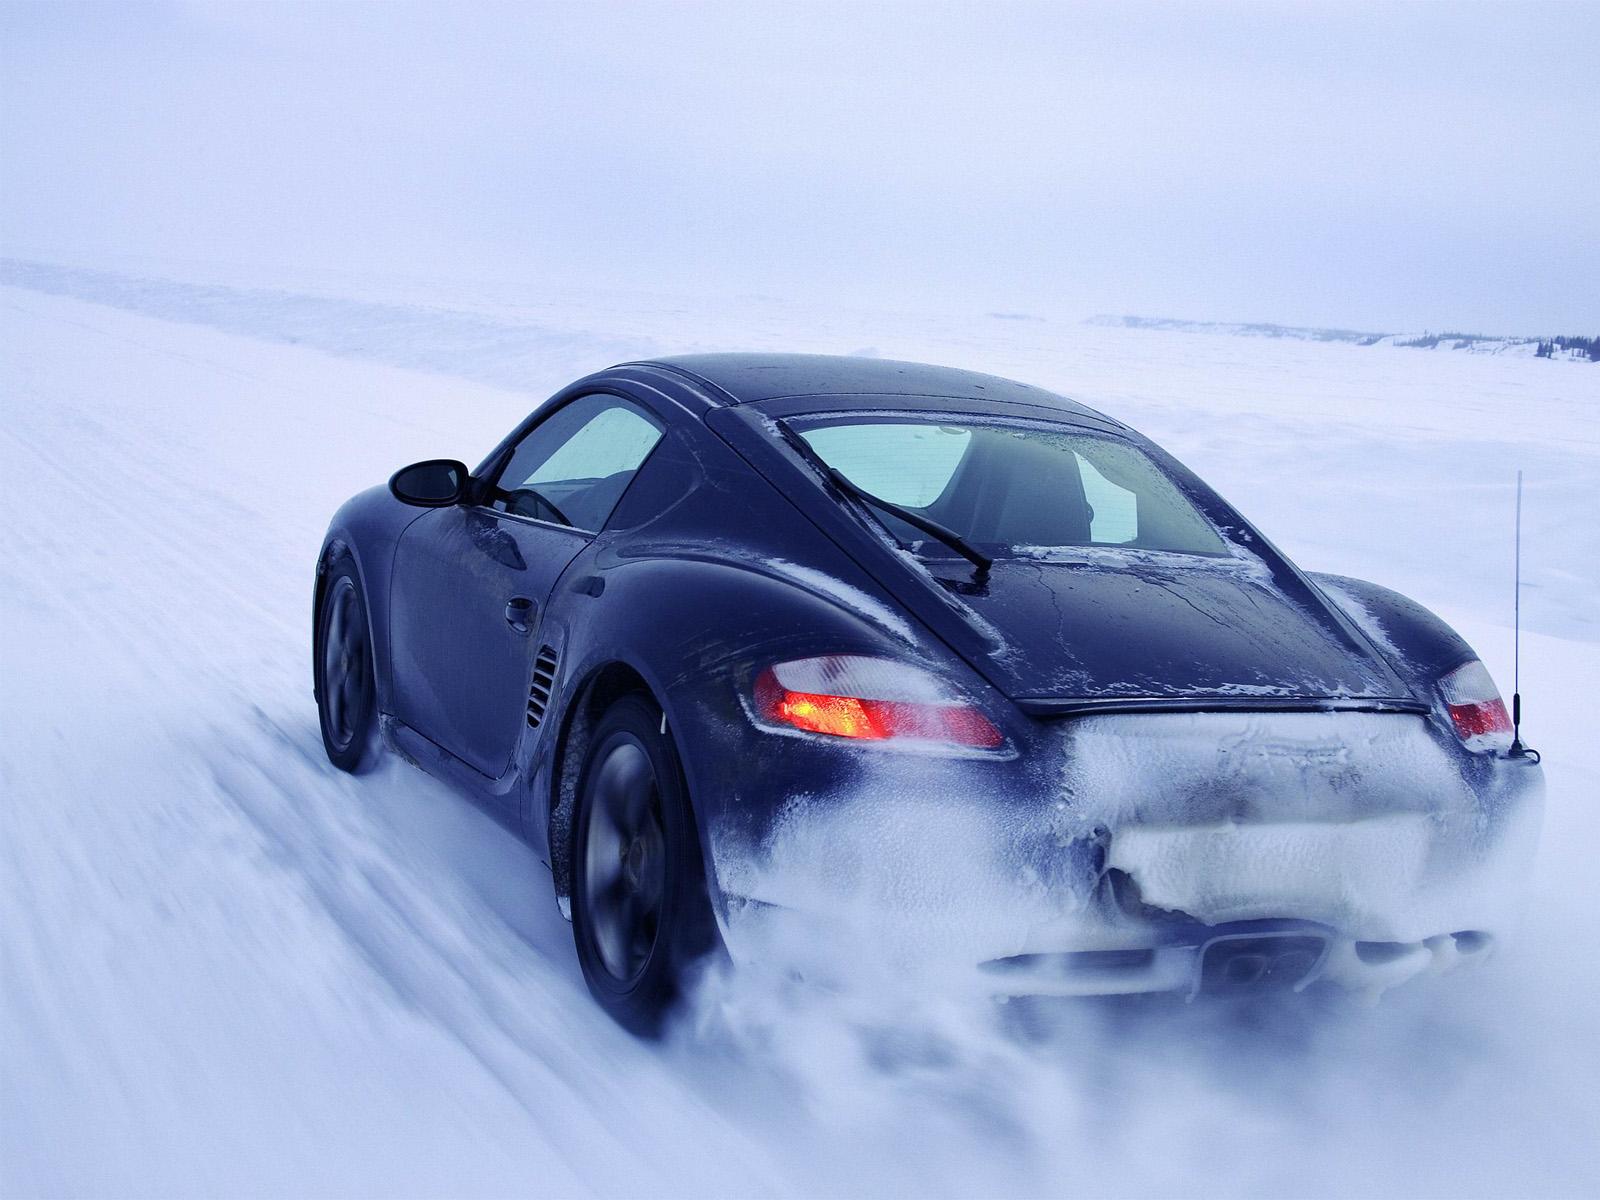 http://1.bp.blogspot.com/-6KkWx_XPBgQ/T4_jnoxen-I/AAAAAAAA3aE/IRWsDqM1iNo/s1600/Porsche+Cayman+S+Cars+Wallpapers+(5).jpg